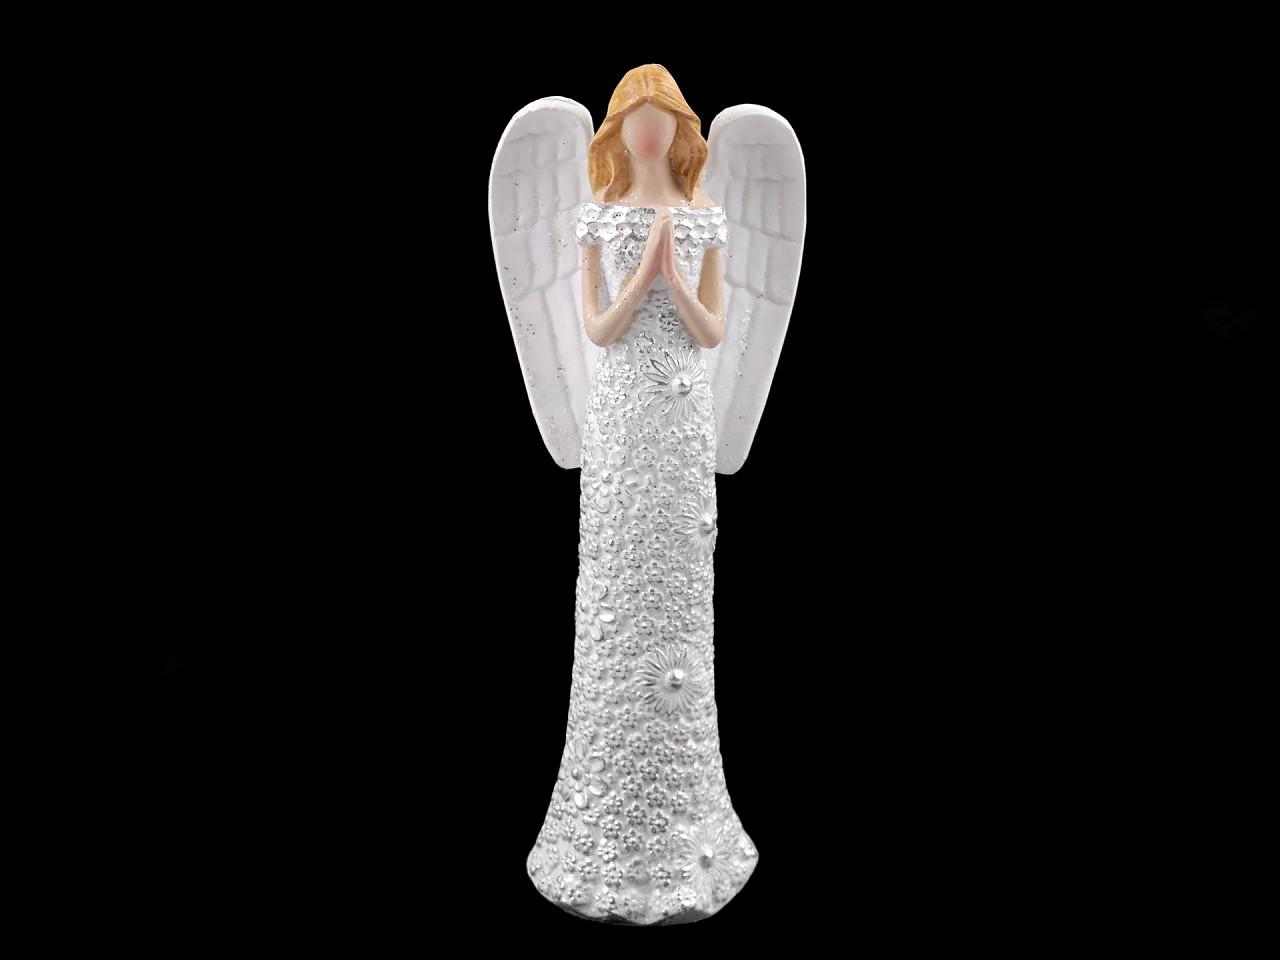 Dekorace anděl s jemnými glitry - malý 1 ks